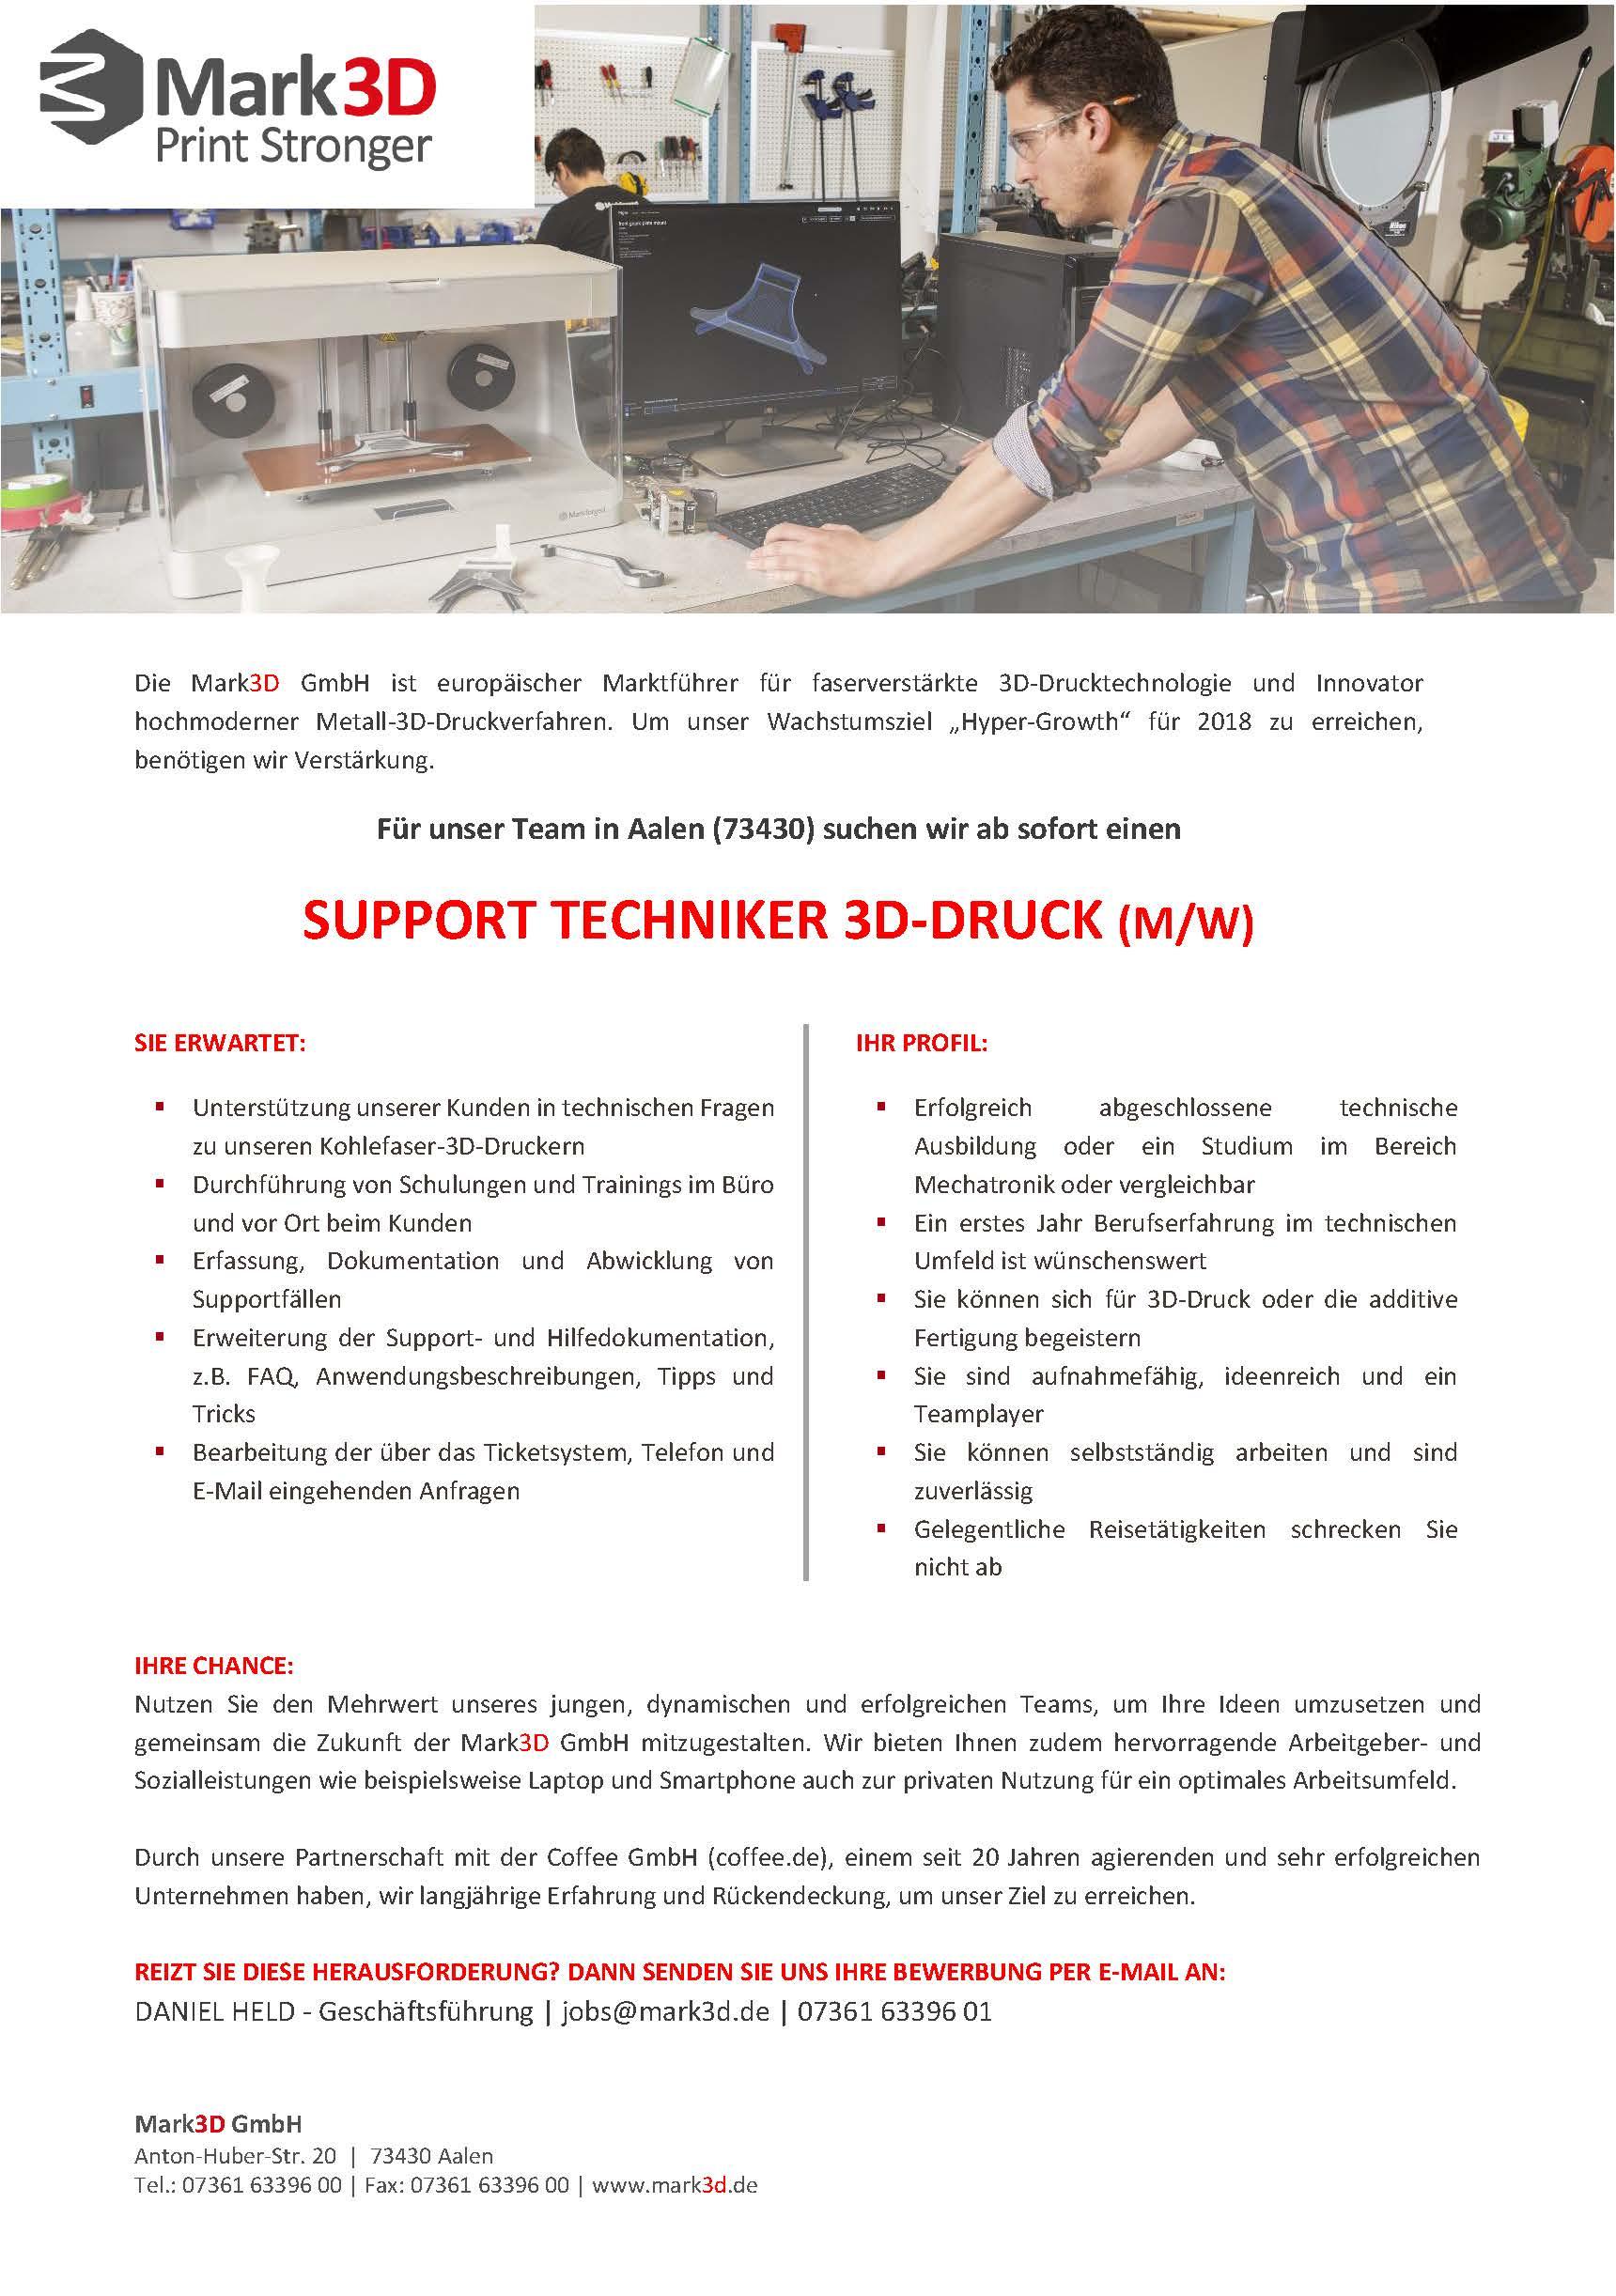 Stellenanzeige_3D-Druck-Techniker